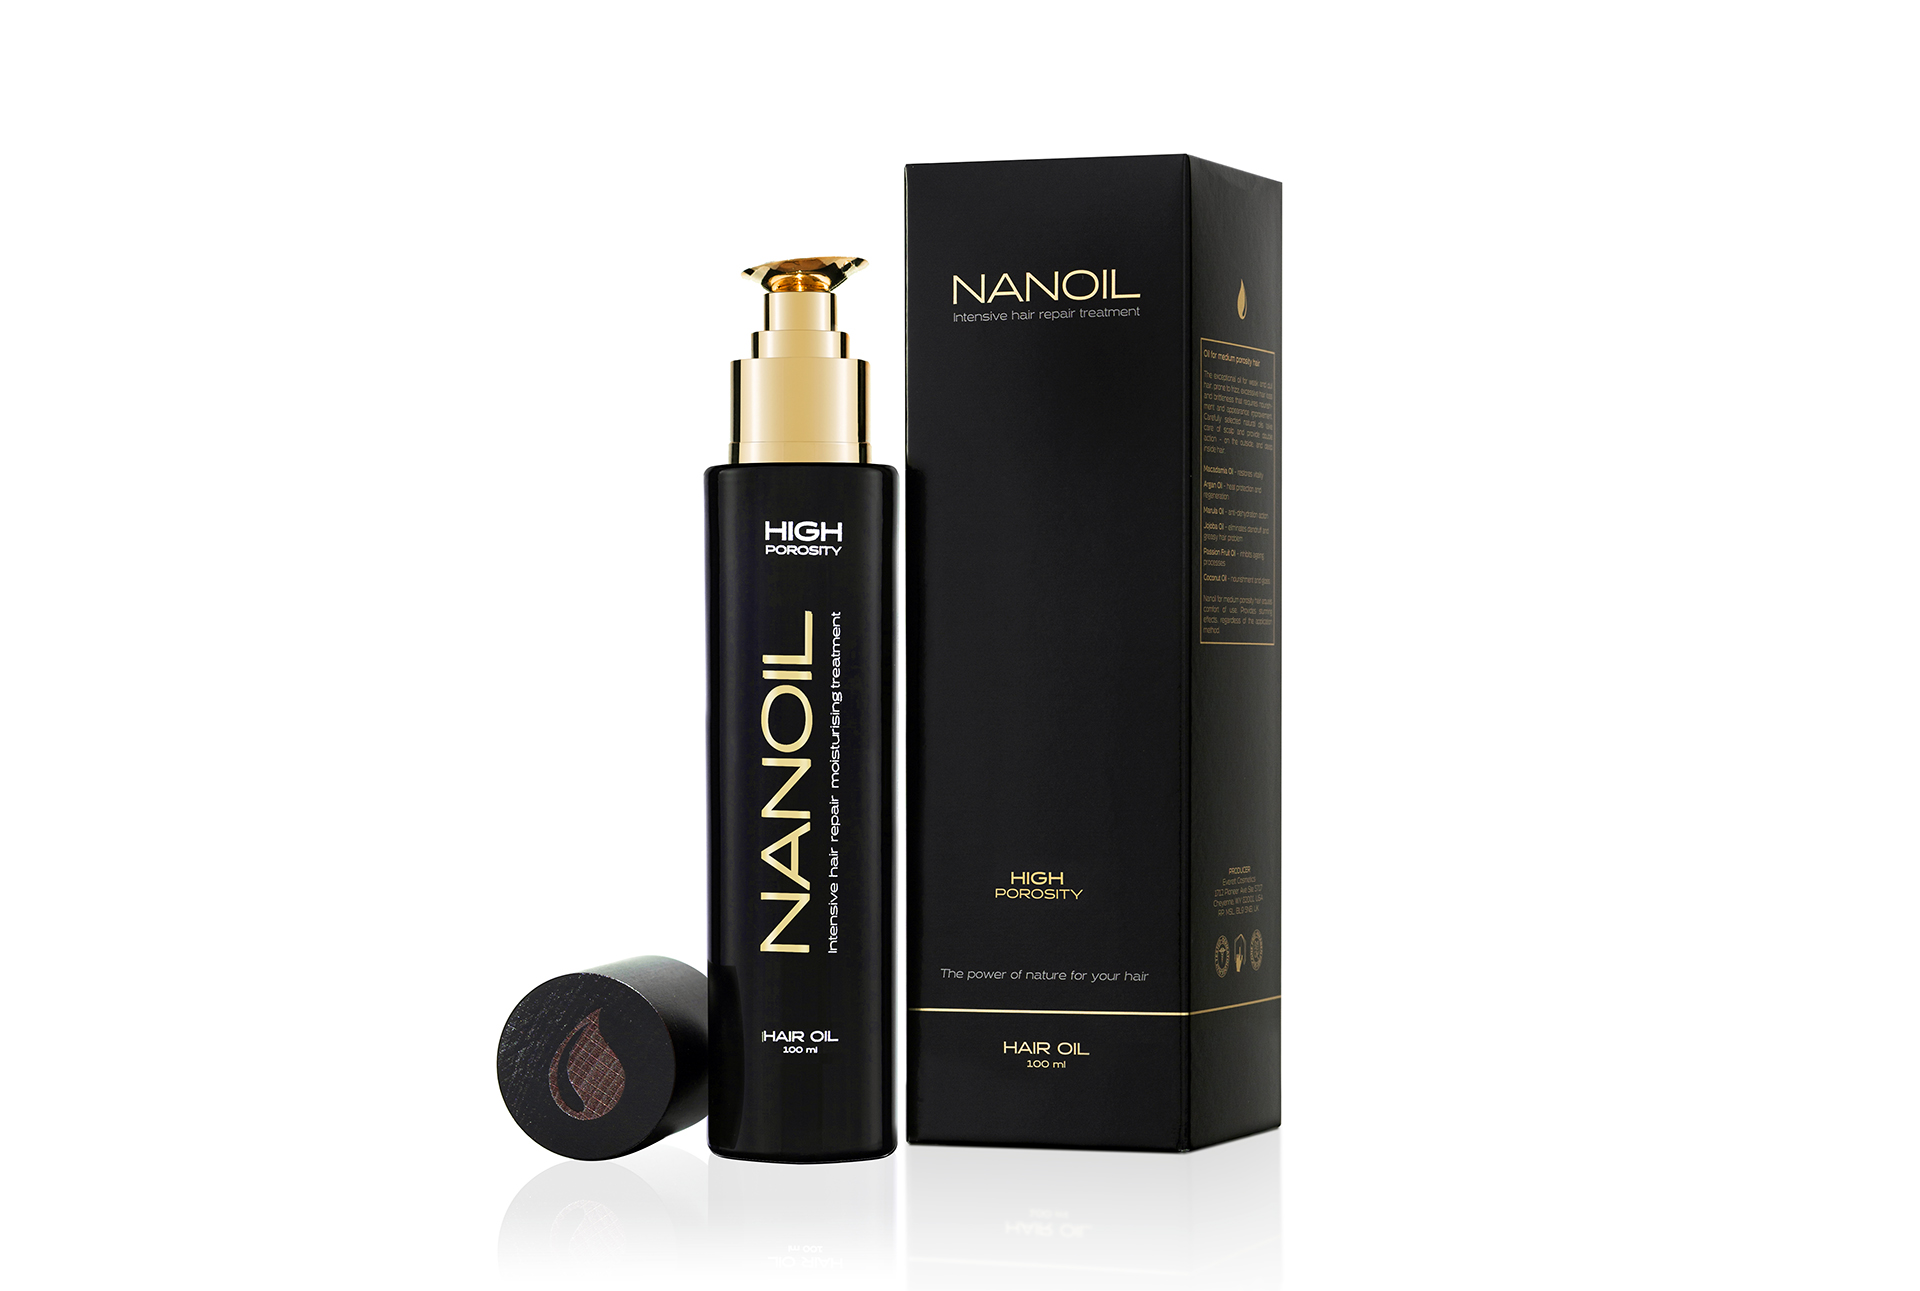 Nanoil - miglior olio per capelli